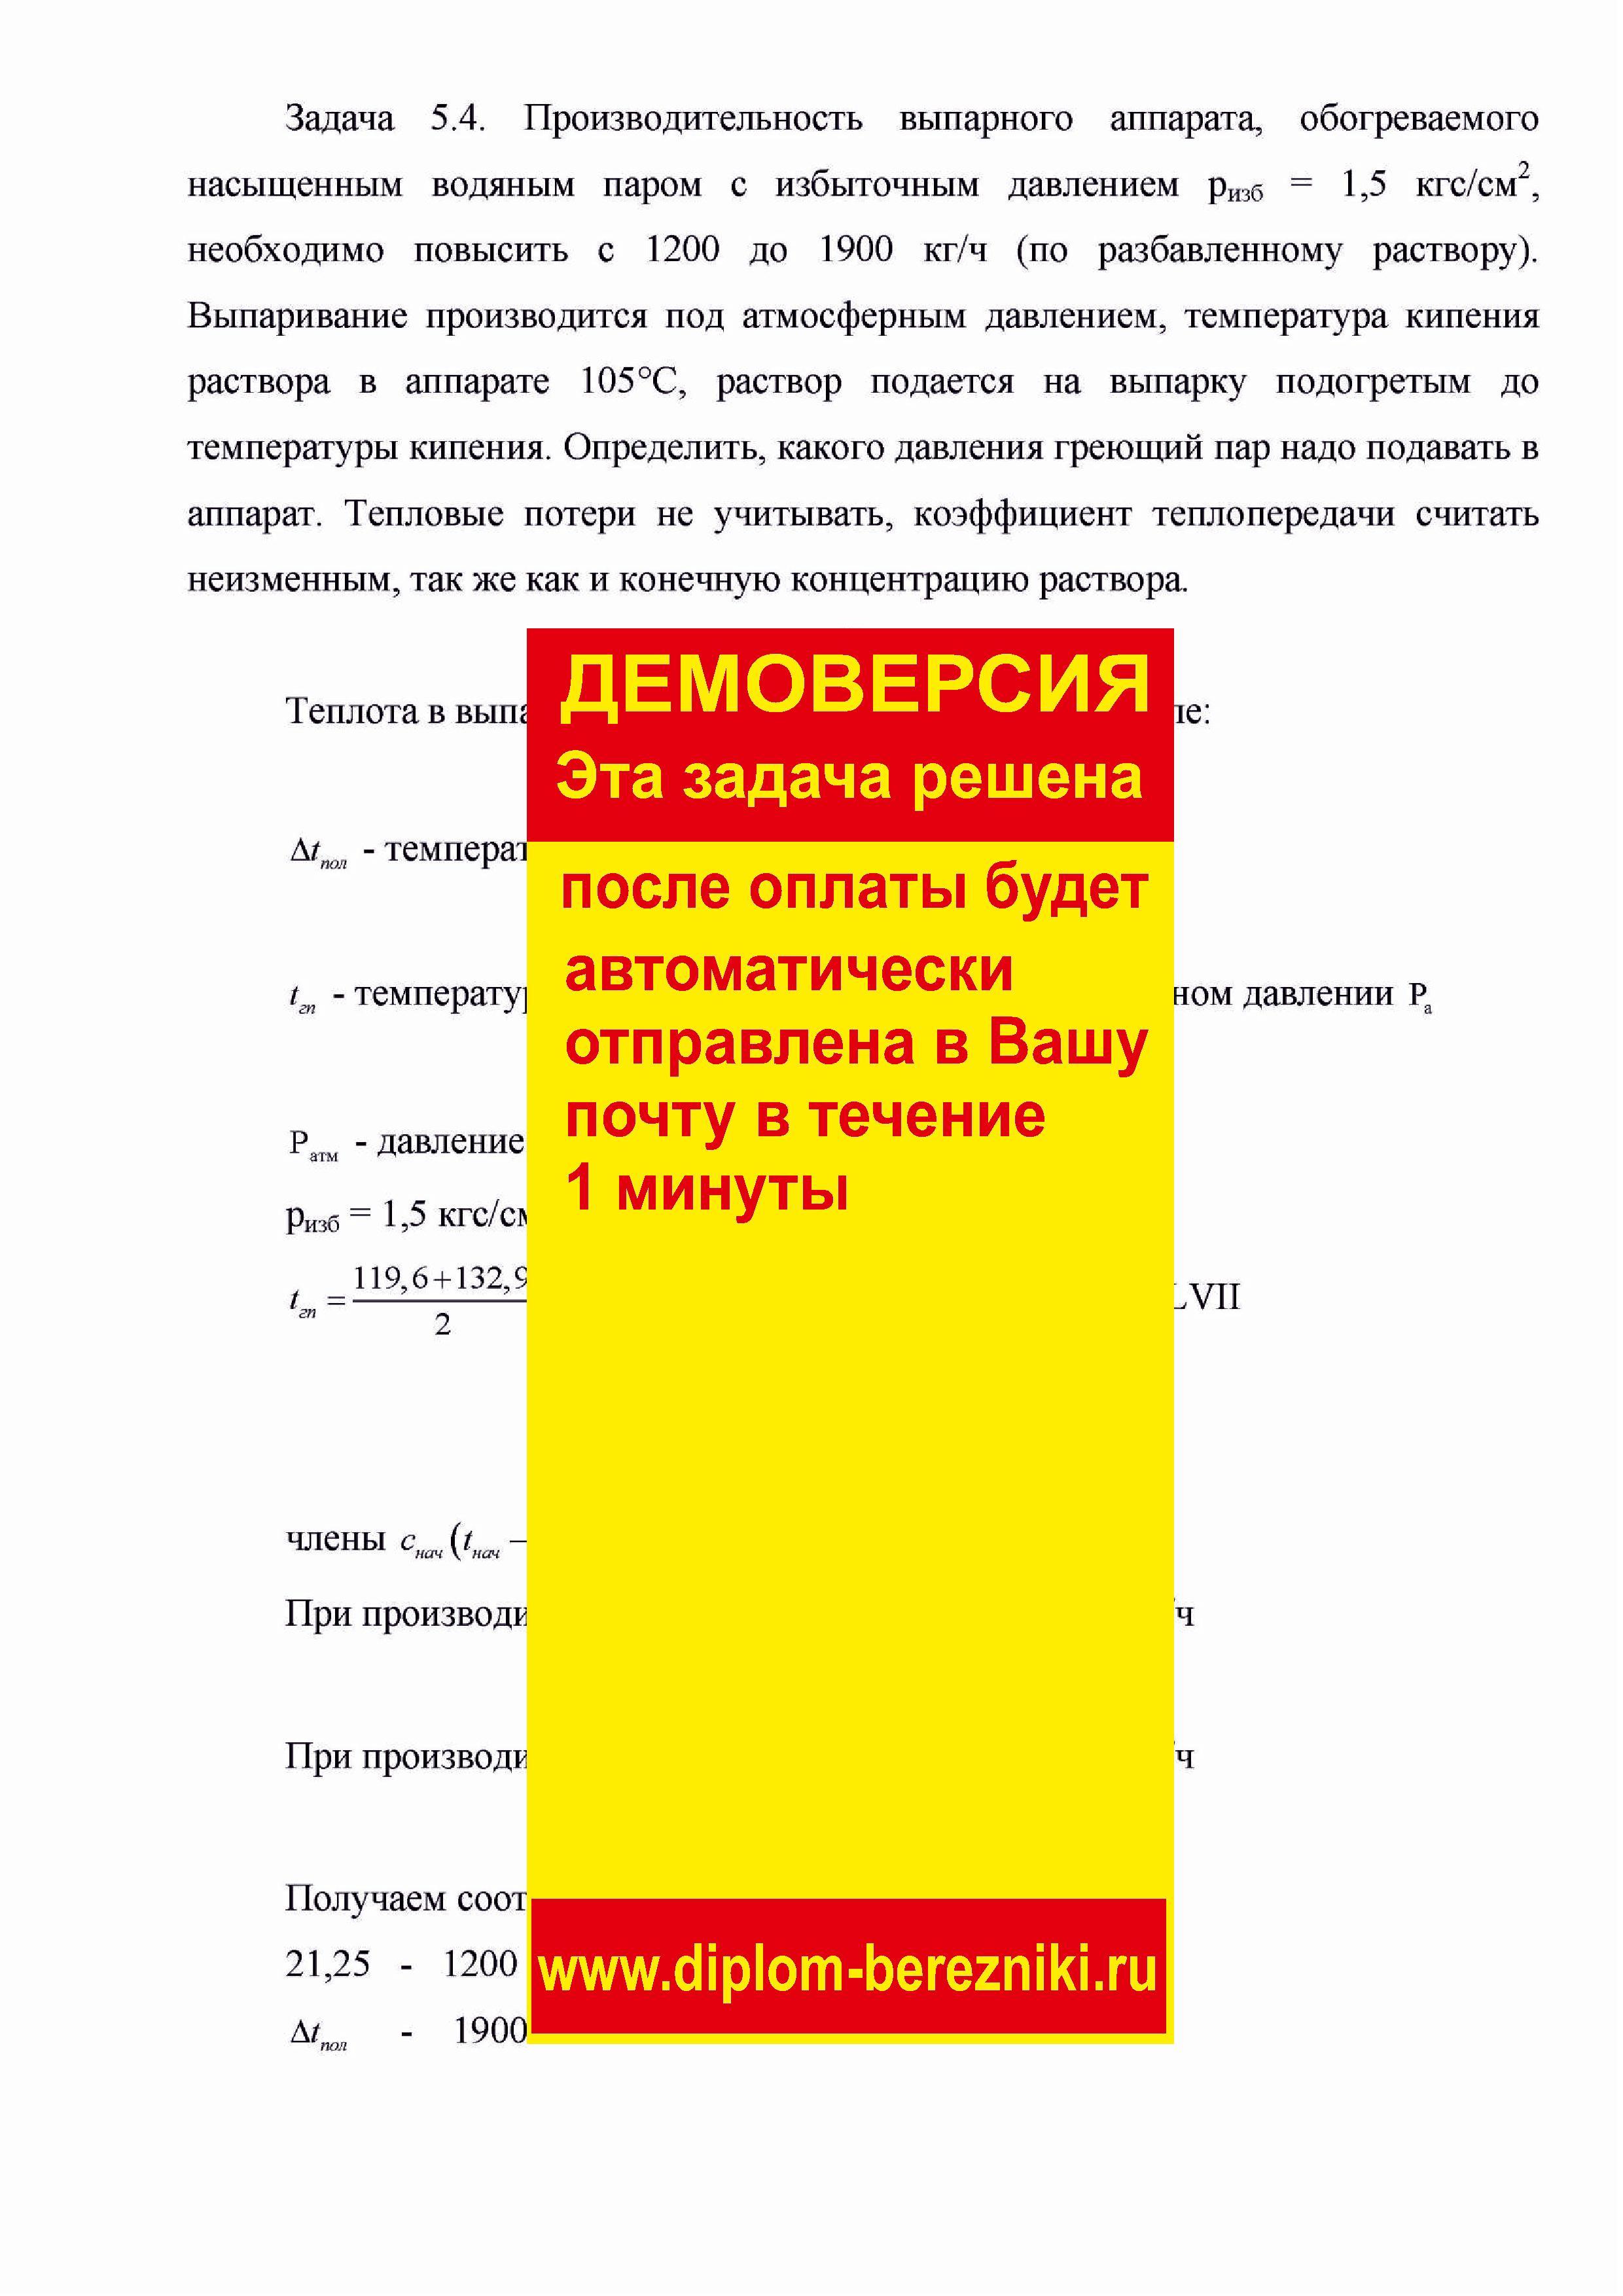 Решение задачи 5.4 по ПАХТ из задачника Павлова Романкова Носкова